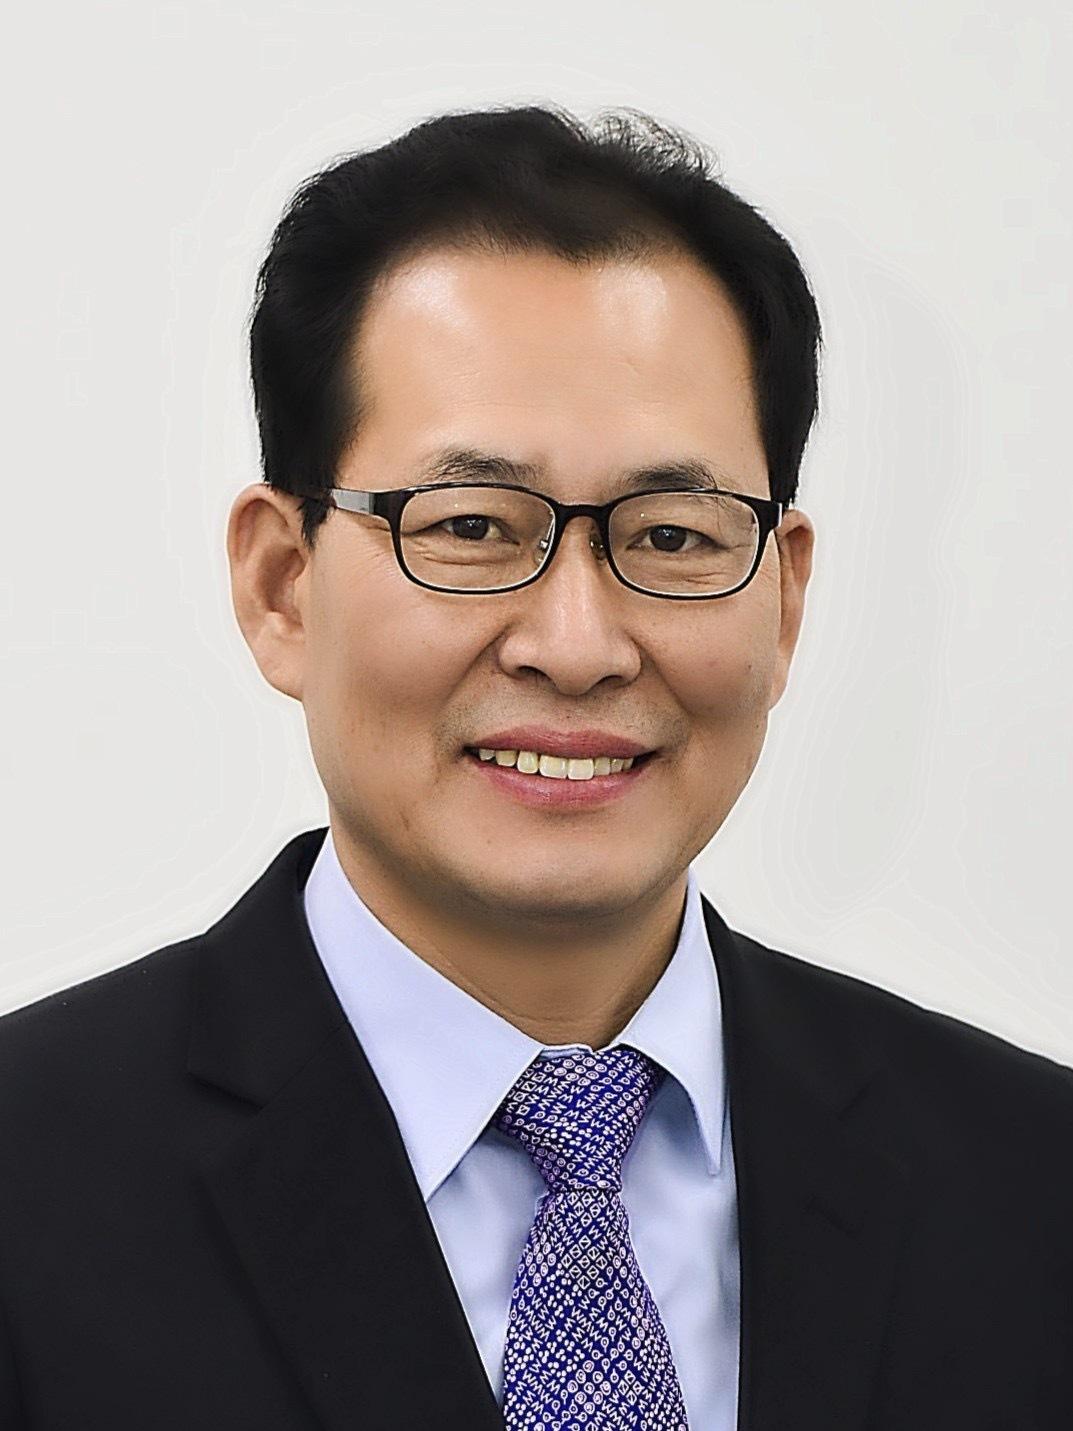 Ko Hyoung-kwon